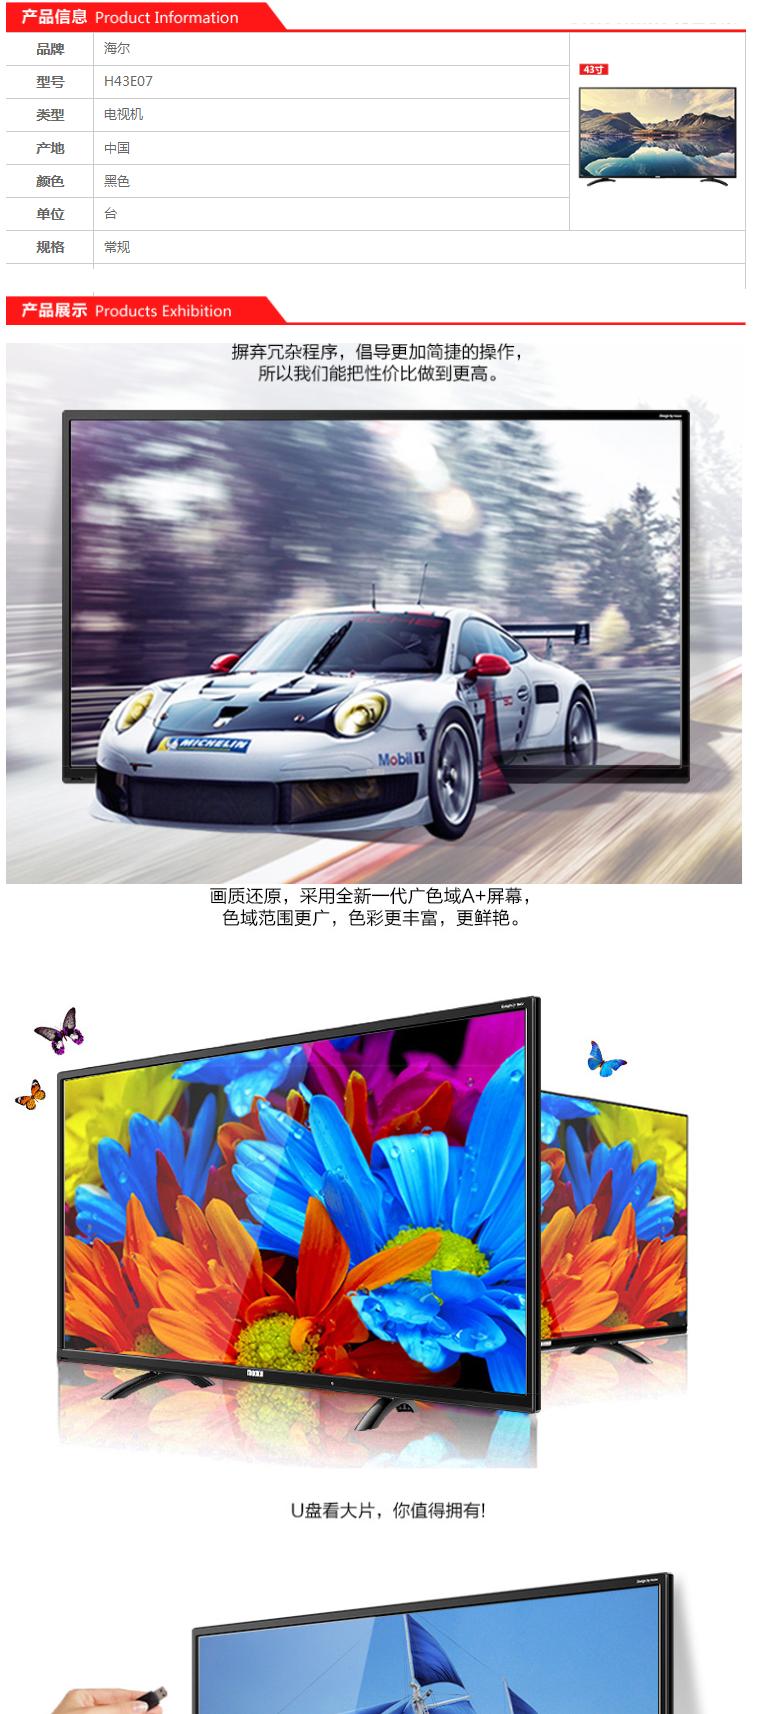 海尔(Haier) H43E07 电视机 43寸 1080P 标配底座 官方标配 黑色 _海尔(Ha_1_1.png